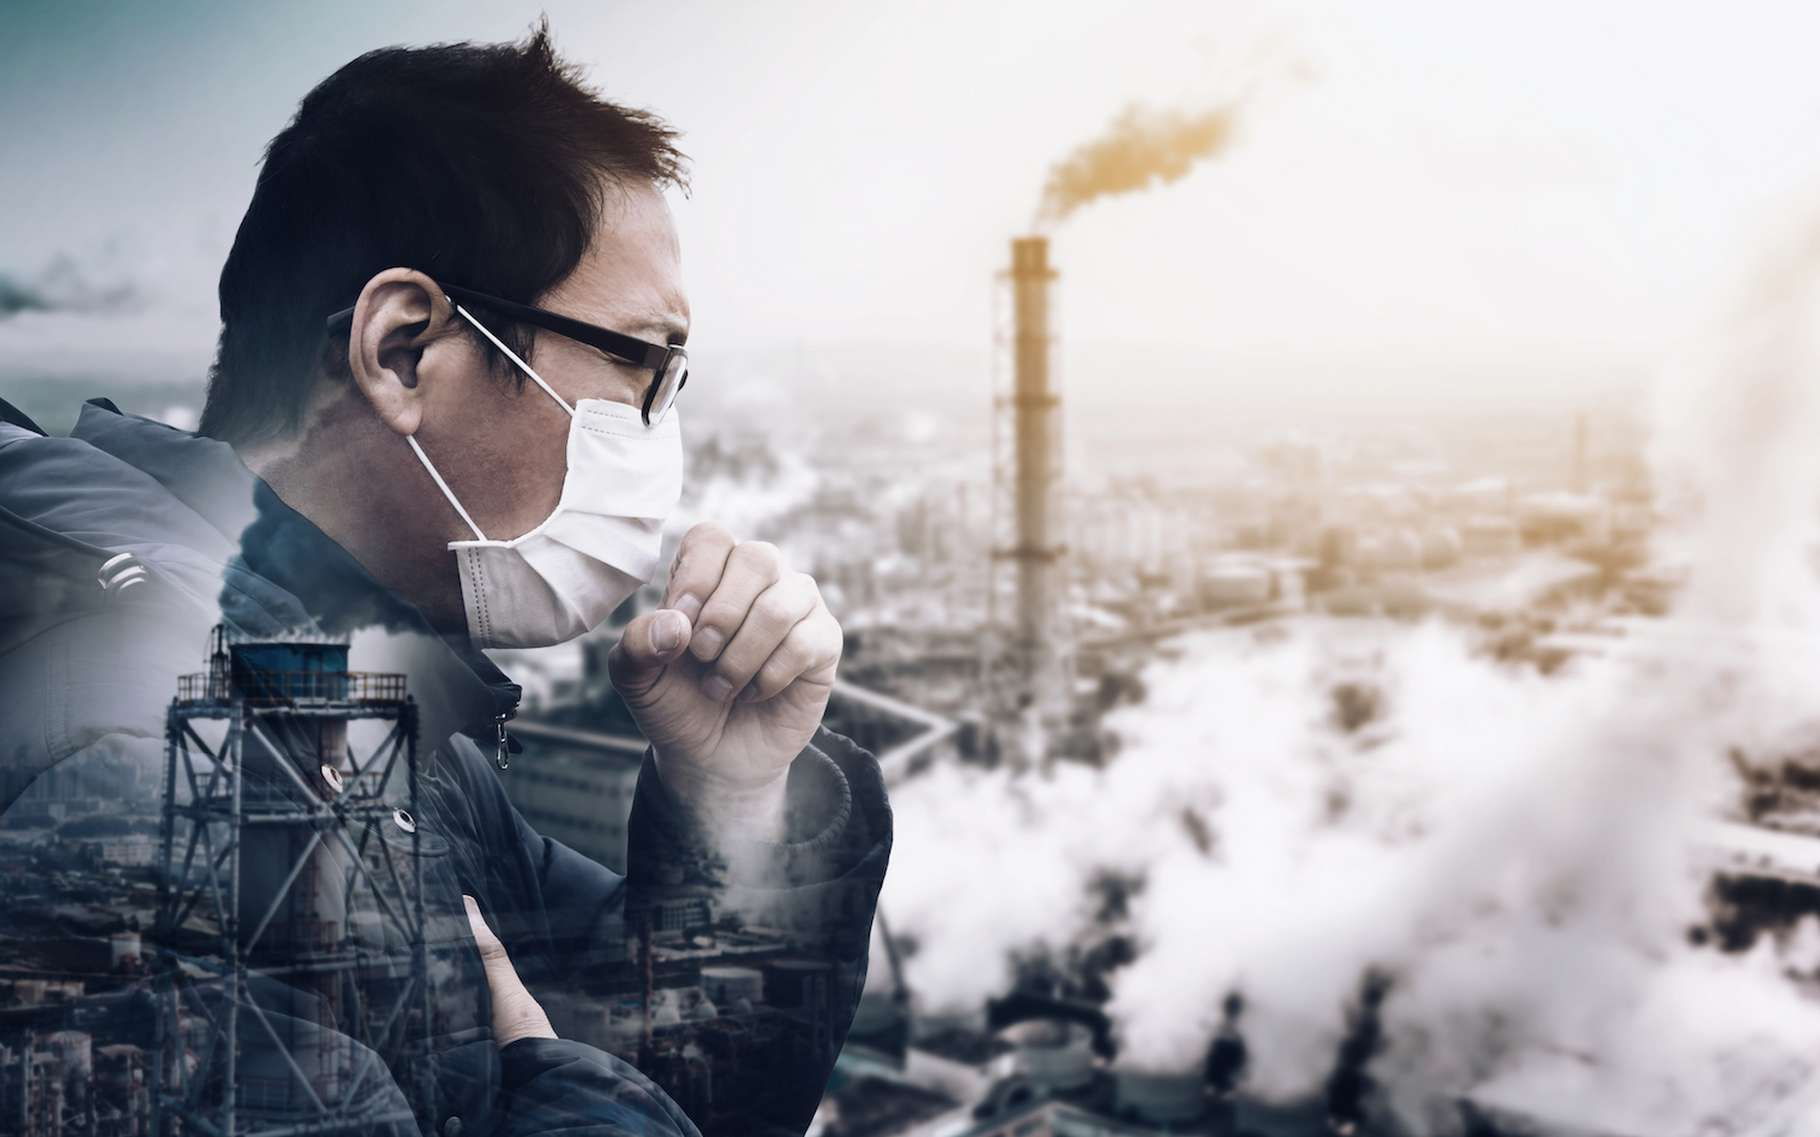 Les particules fines qui polluent notre atmosphère constituent un problème de santé publique majeur dans le monde entier. Avec leur carte, des chercheurs de l'université de Washington à Saint-Louis (États-Unis) tentent de clarifier la connaissance que nous en avons. © Tom Wang, Adobe Stock